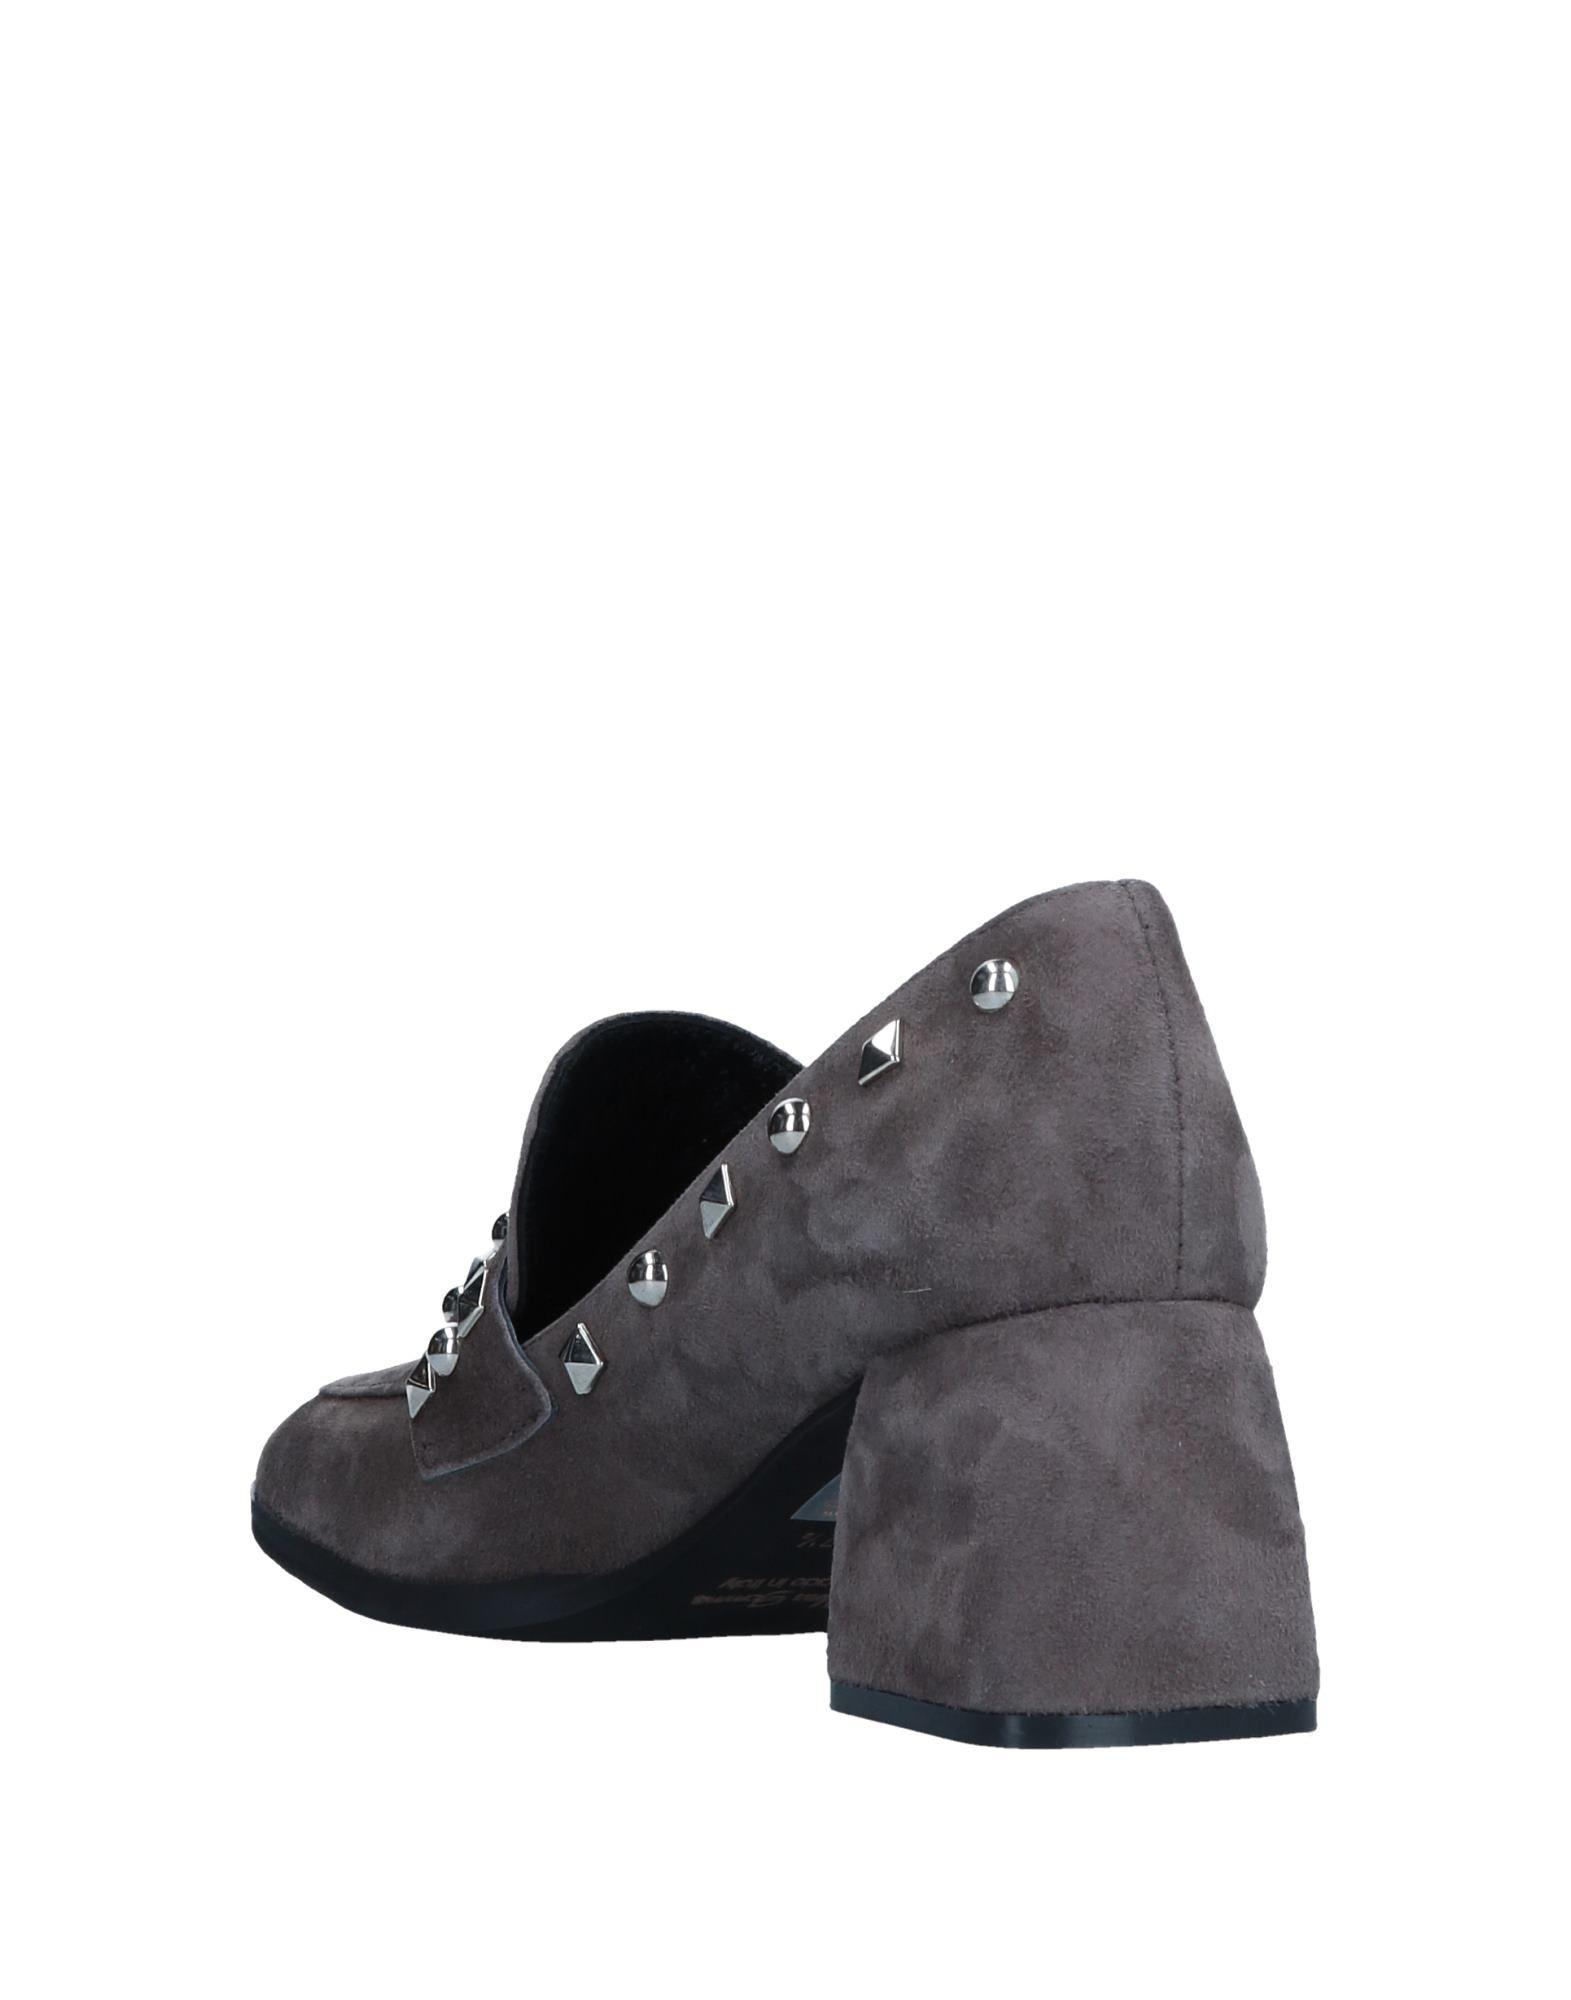 Juli Damen Pascal Paris Mokassins Damen Juli  11555971WM Gute Qualität beliebte Schuhe 57482b